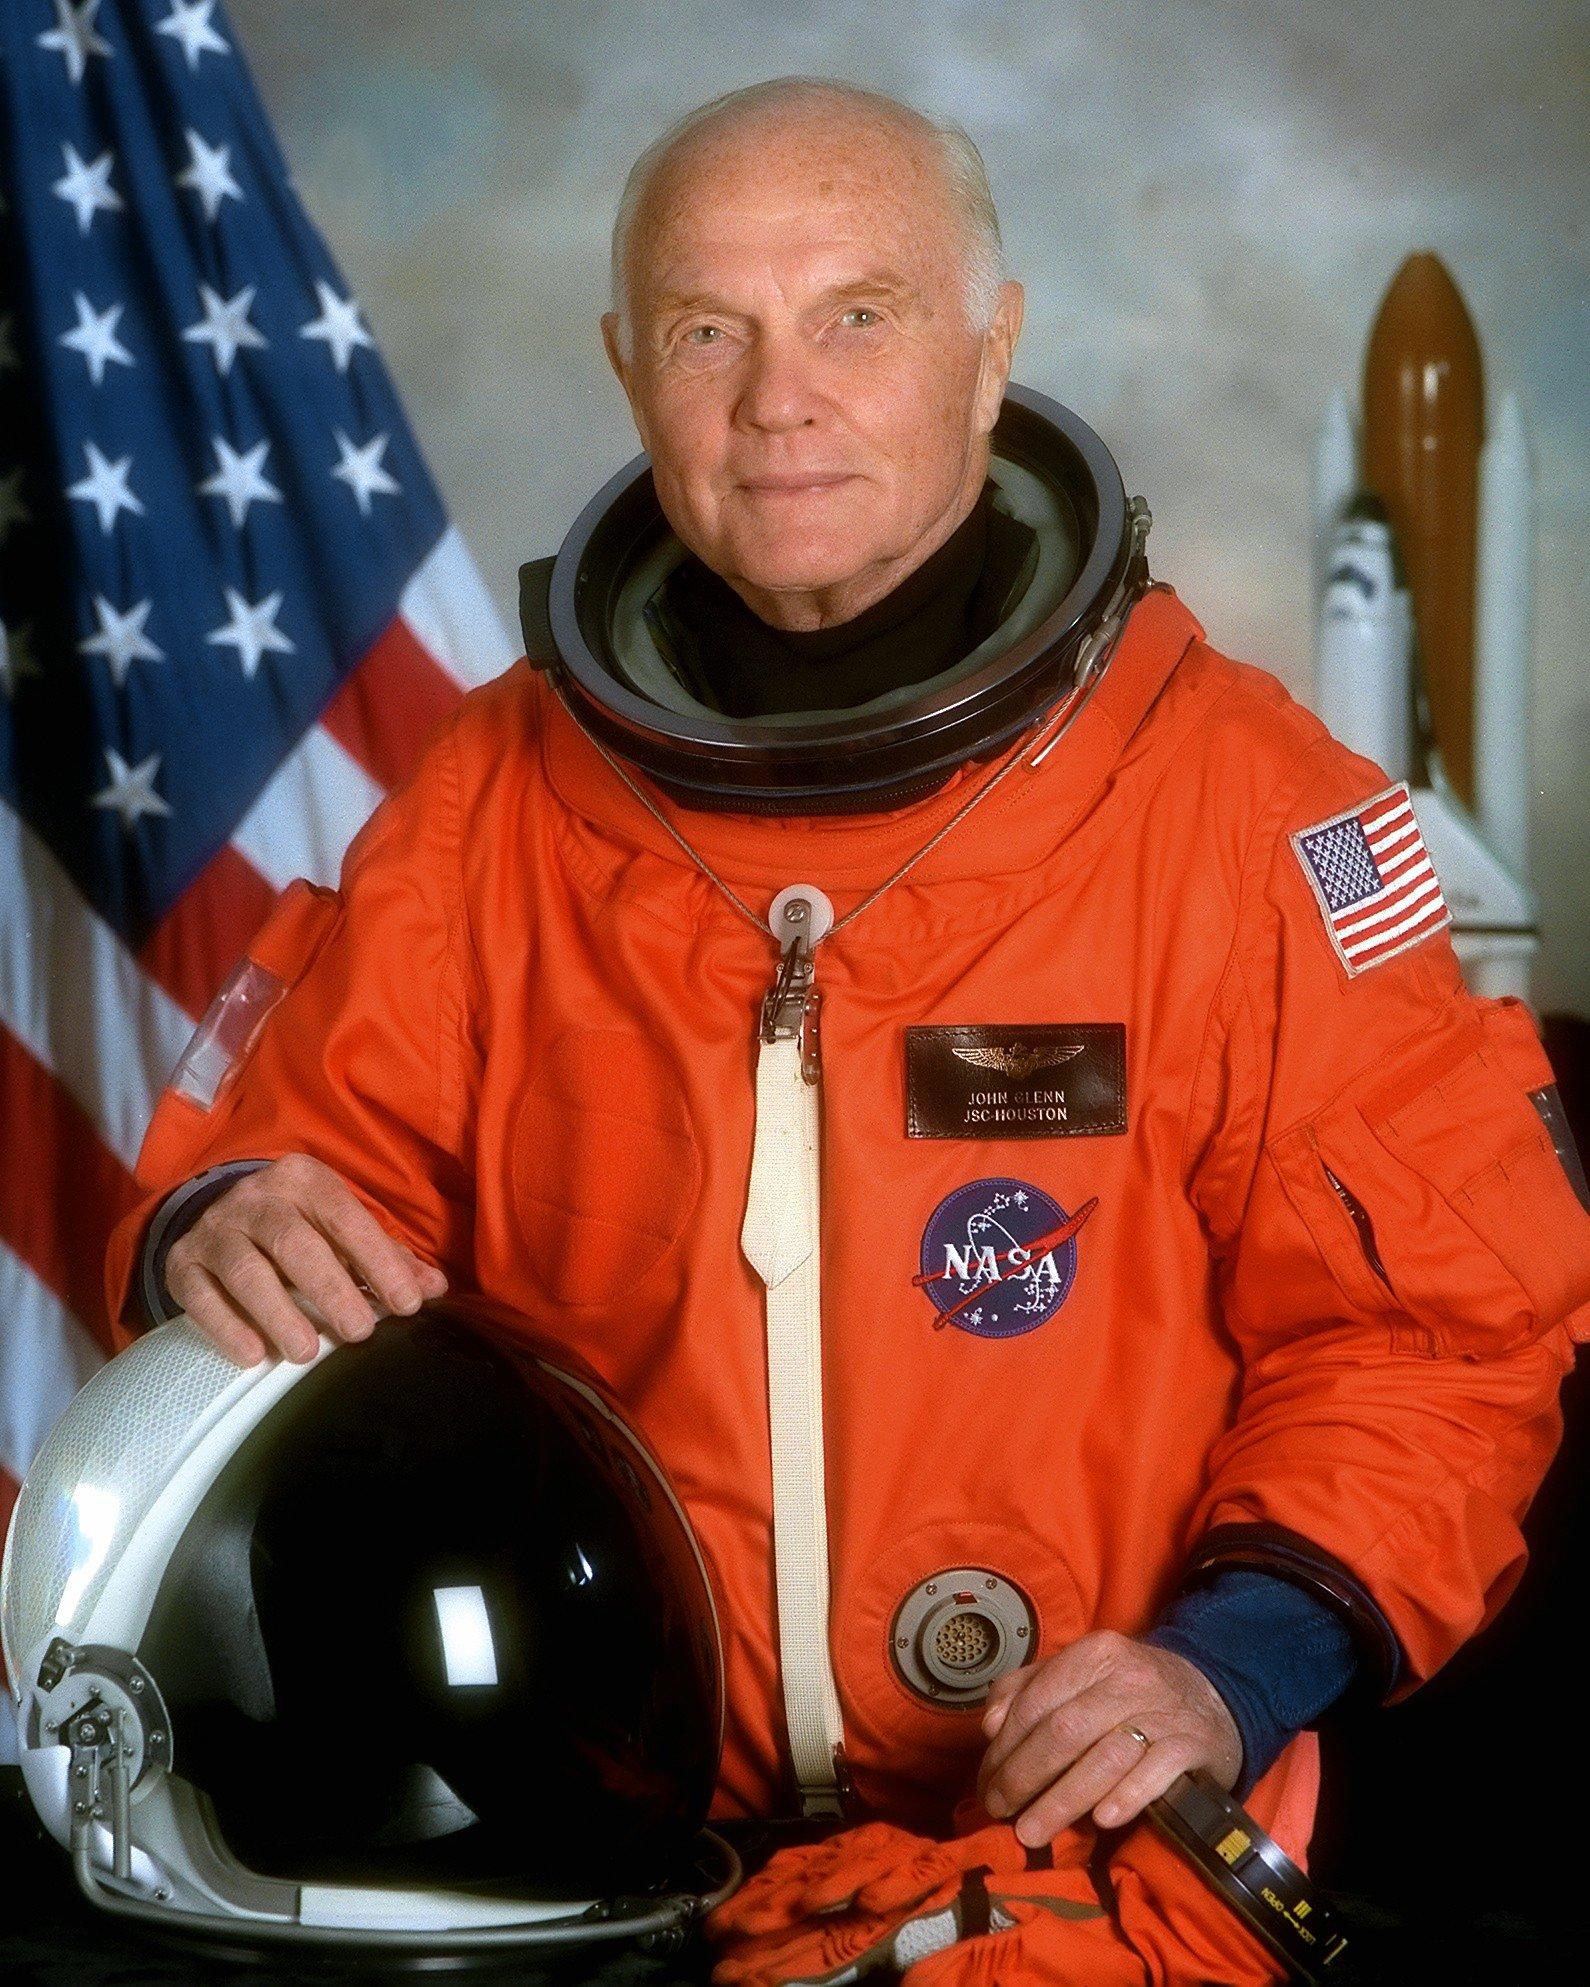 john glenn nasa astronaut station wagon